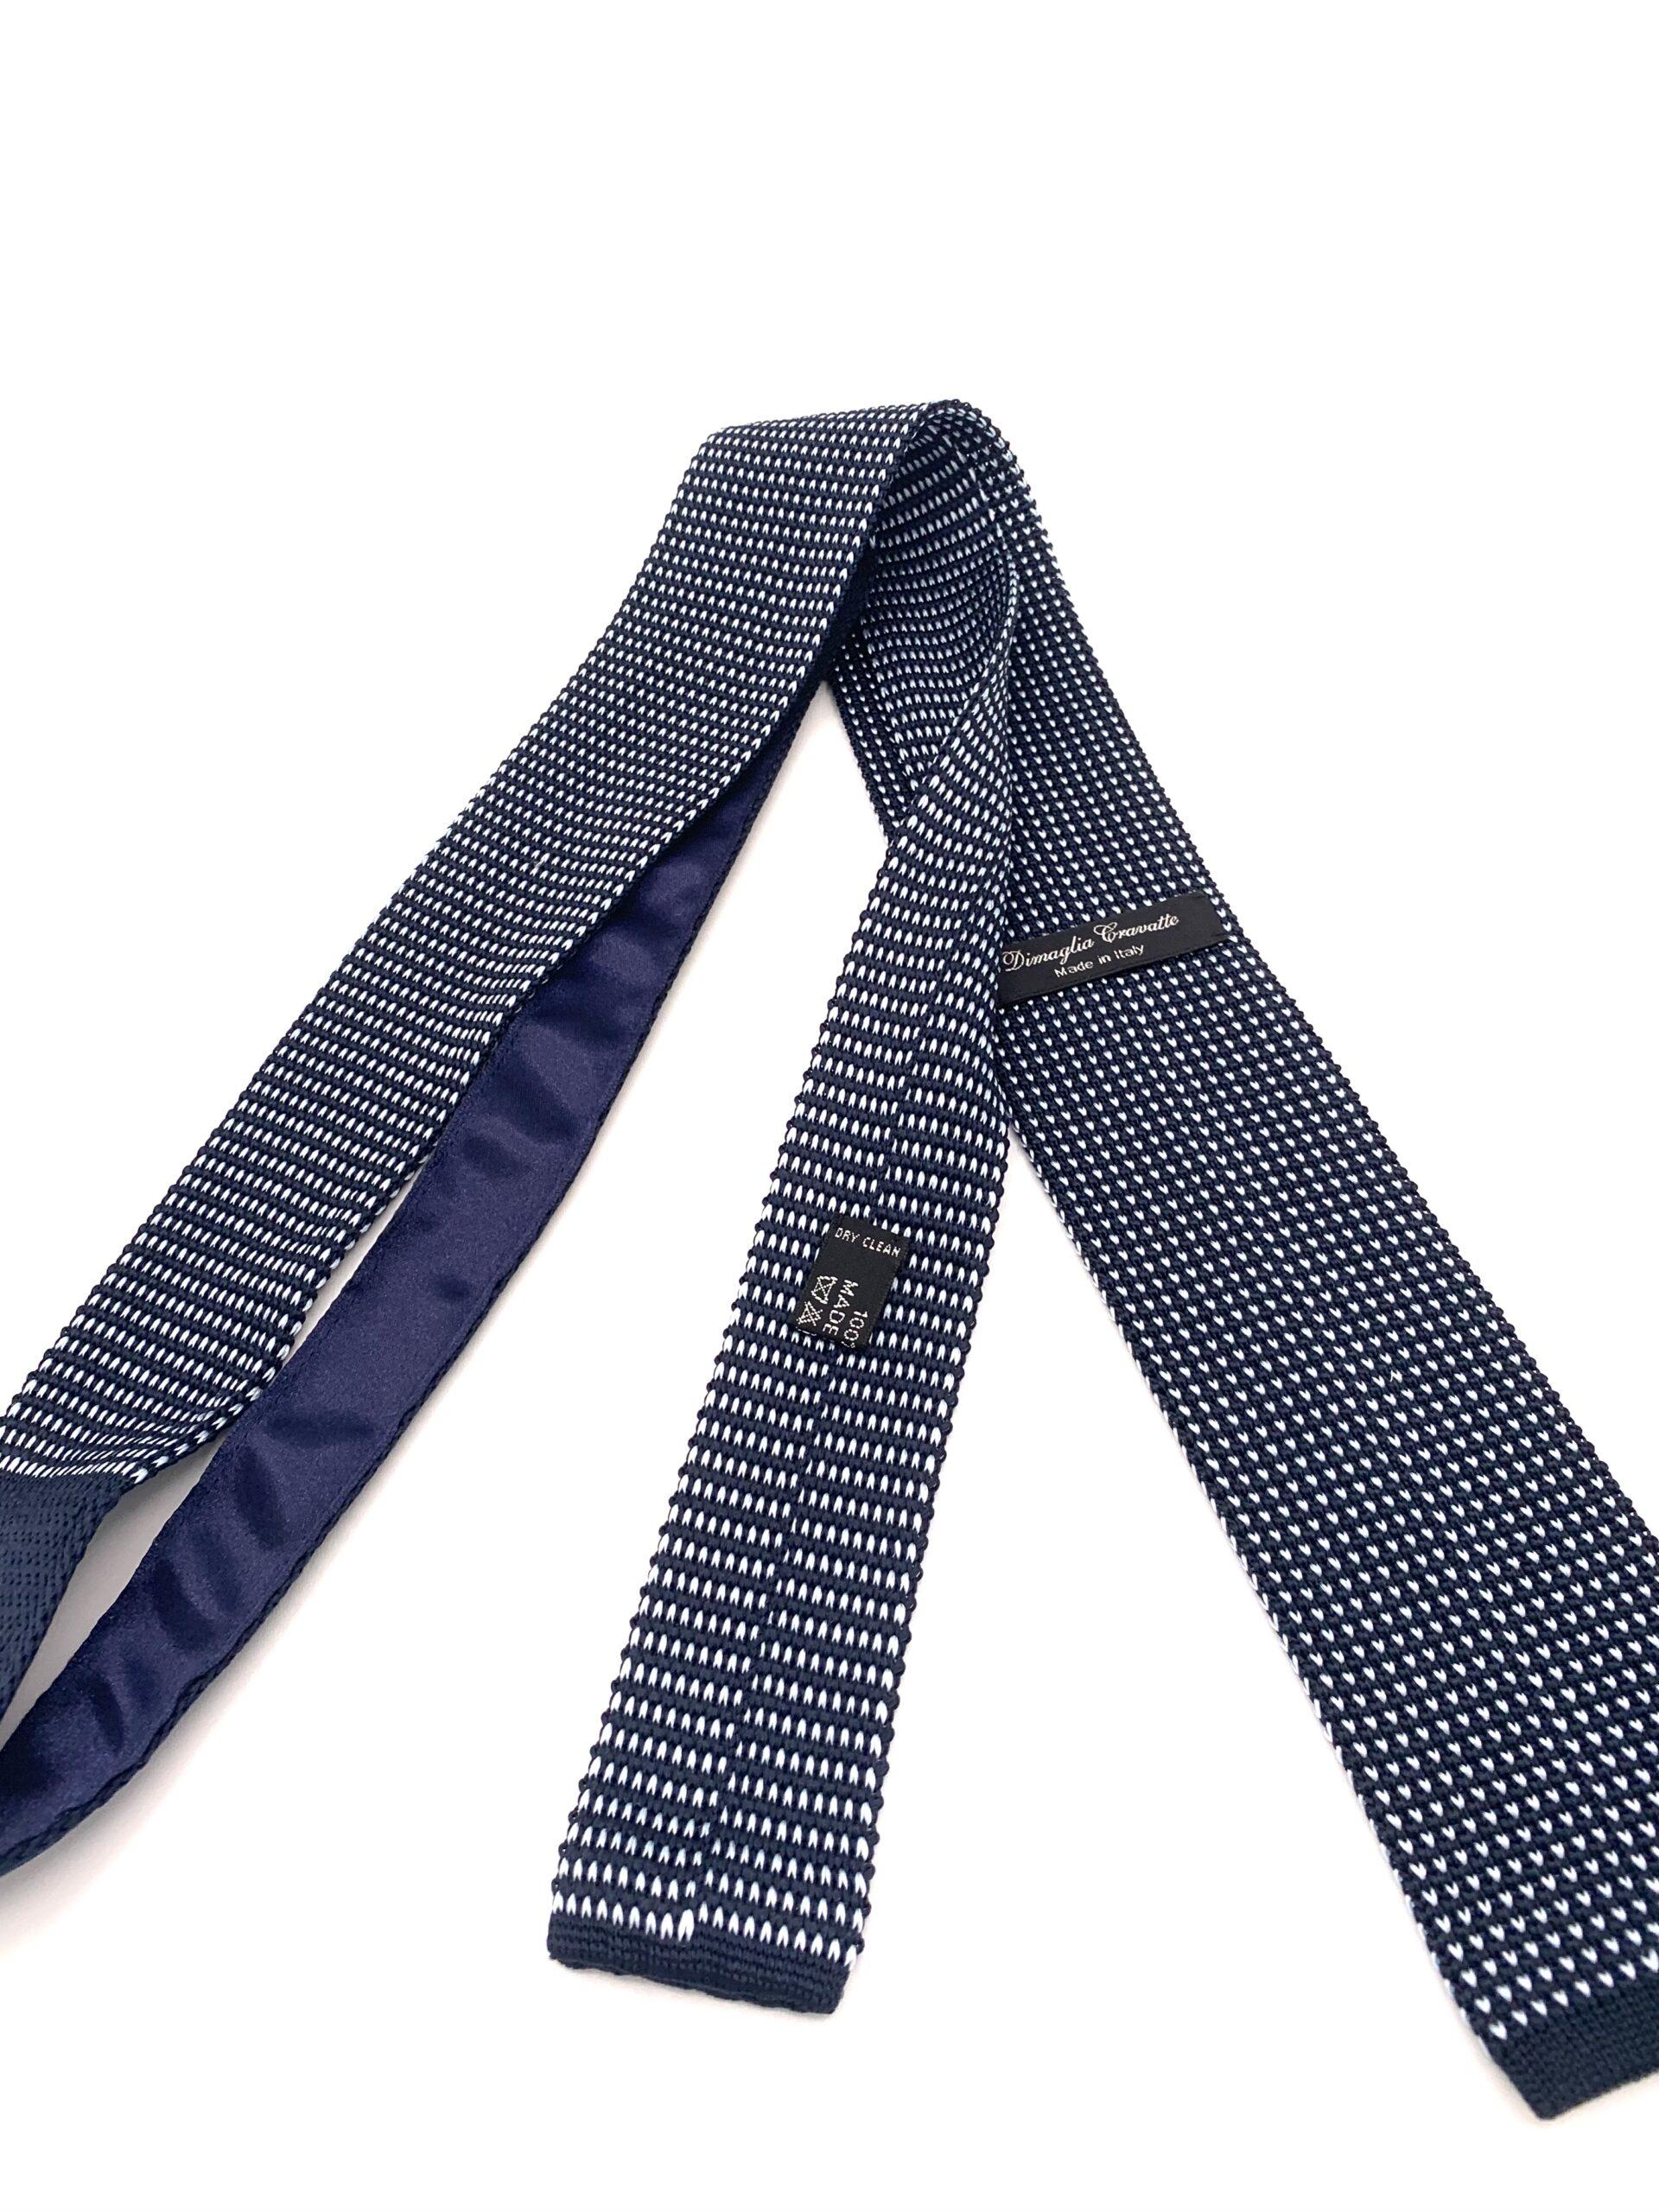 DIMAGLIA - cravatta di maglia blu azzurro retro